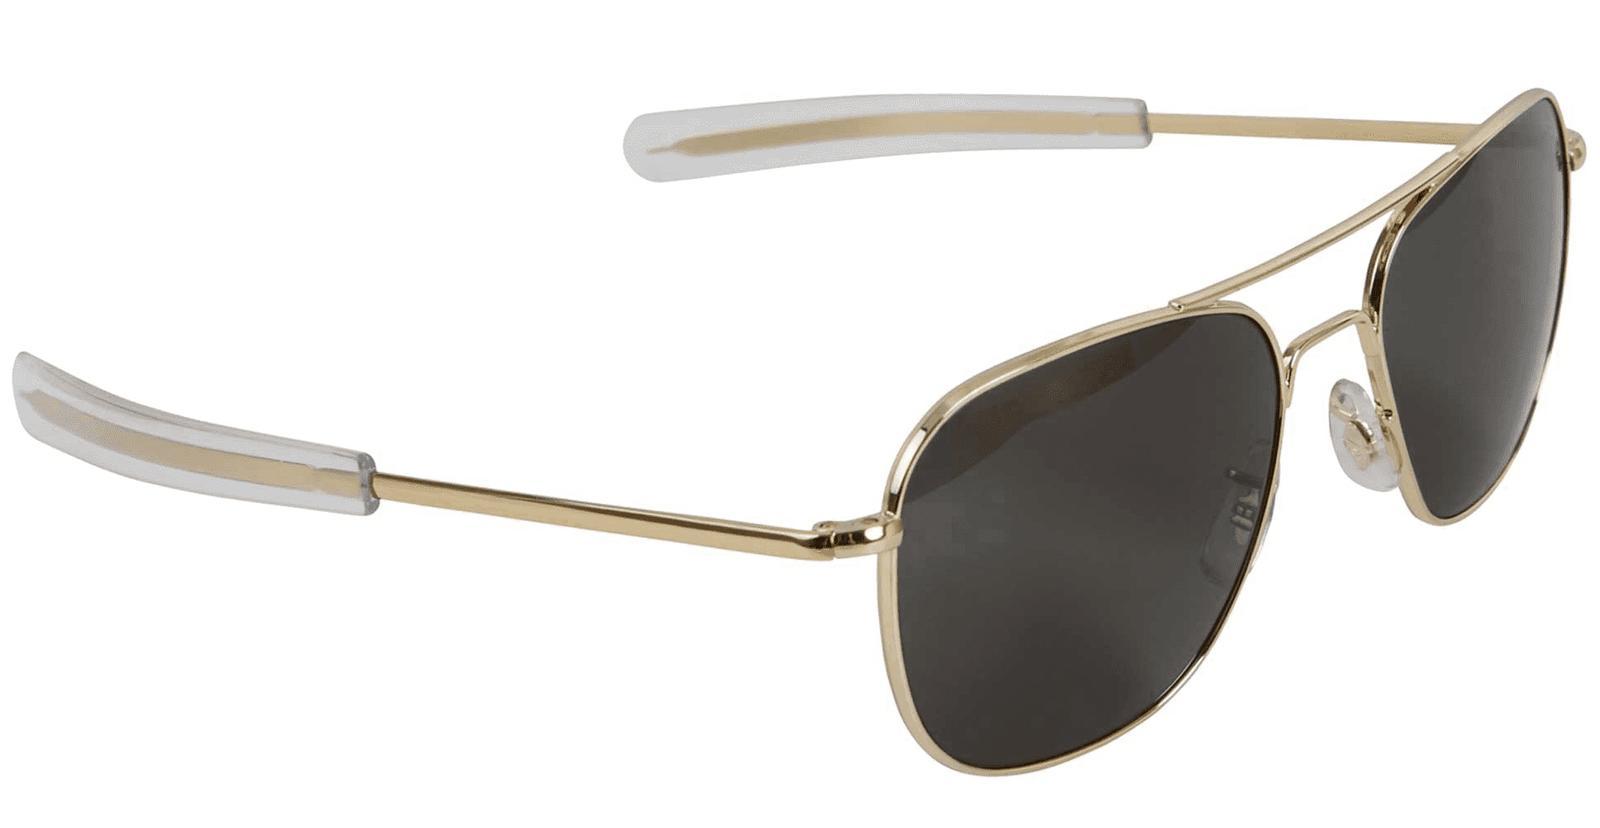 AO 55mm Force Sunglasses Aviators